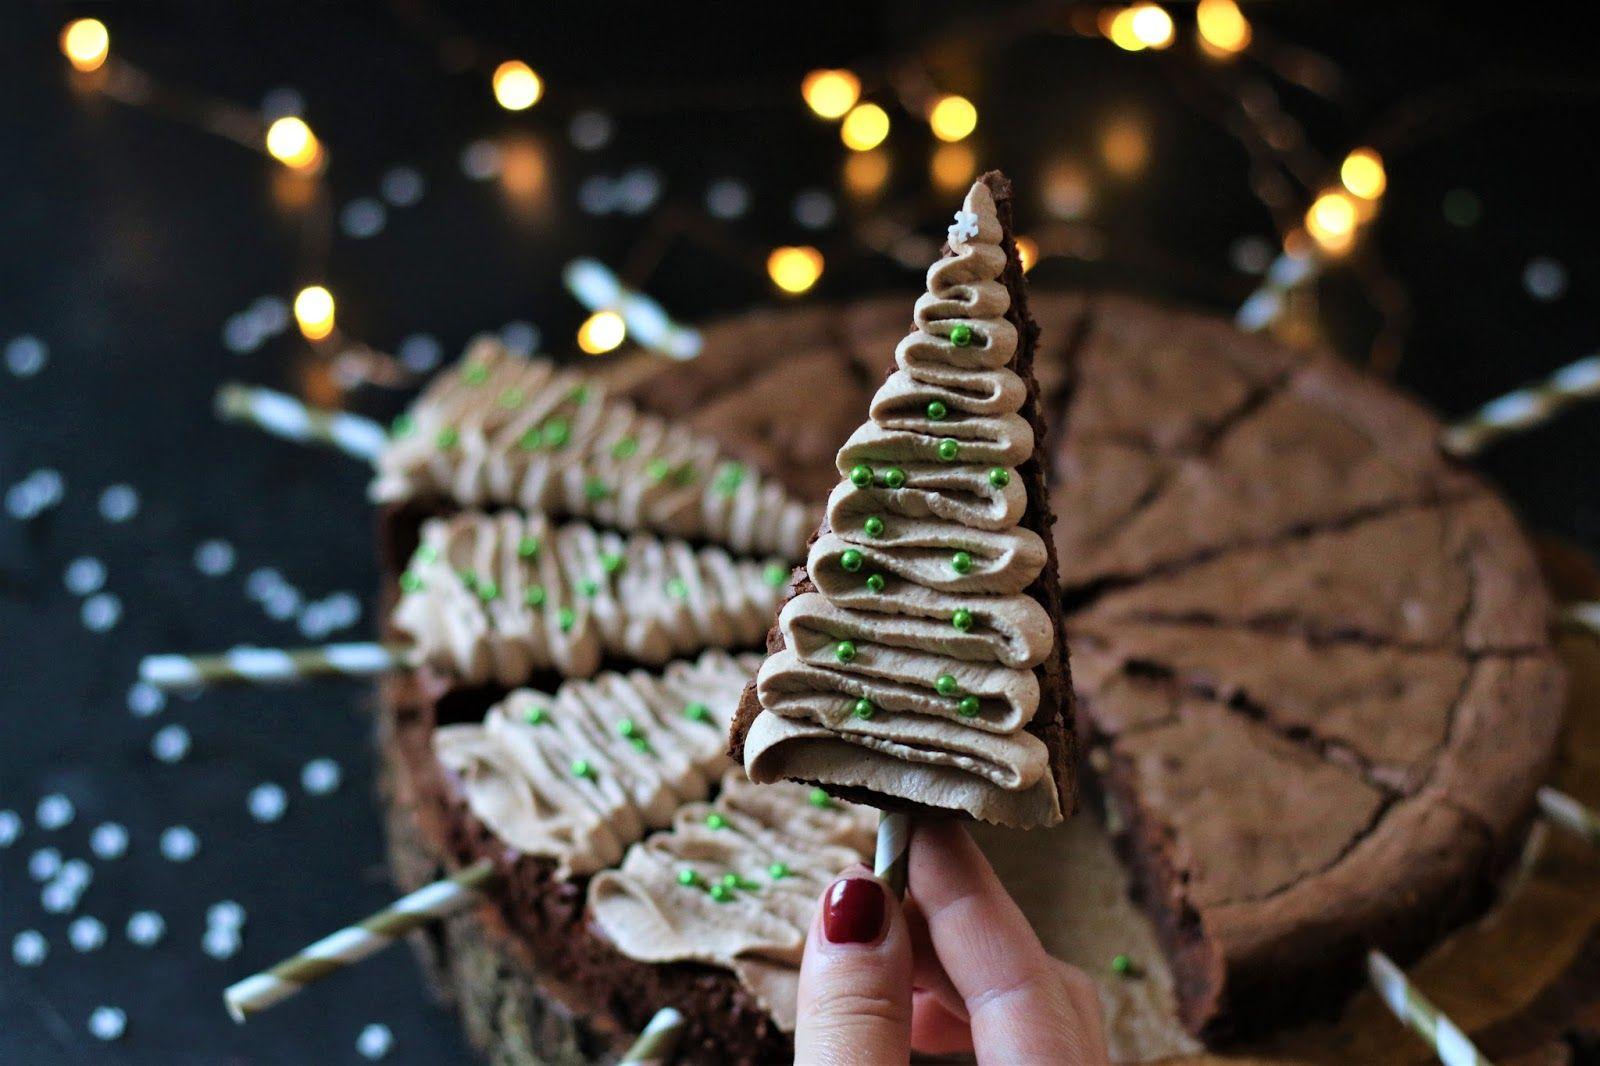 Tannenbaum Brownies mit Cappucino Sahne von Lecker macht süchtig, Sugarprincess Christmas Cookie Club 2017, Foodblogger Adventskalender mit Gewinnspiel